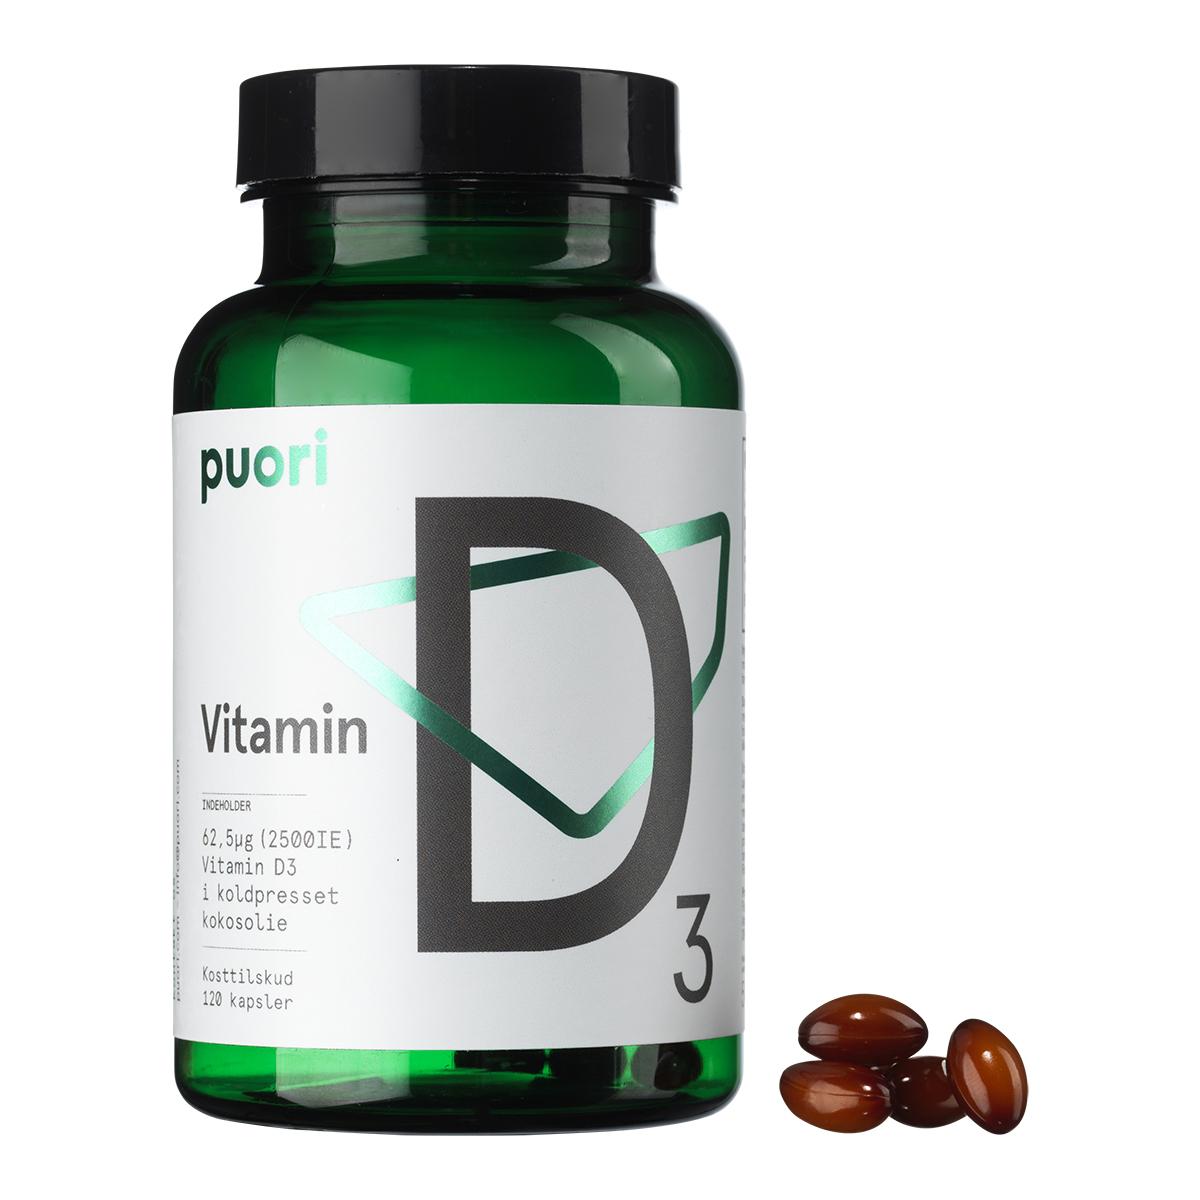 Billede af Puori D3 Vitamin med kokosolie - 120 stk